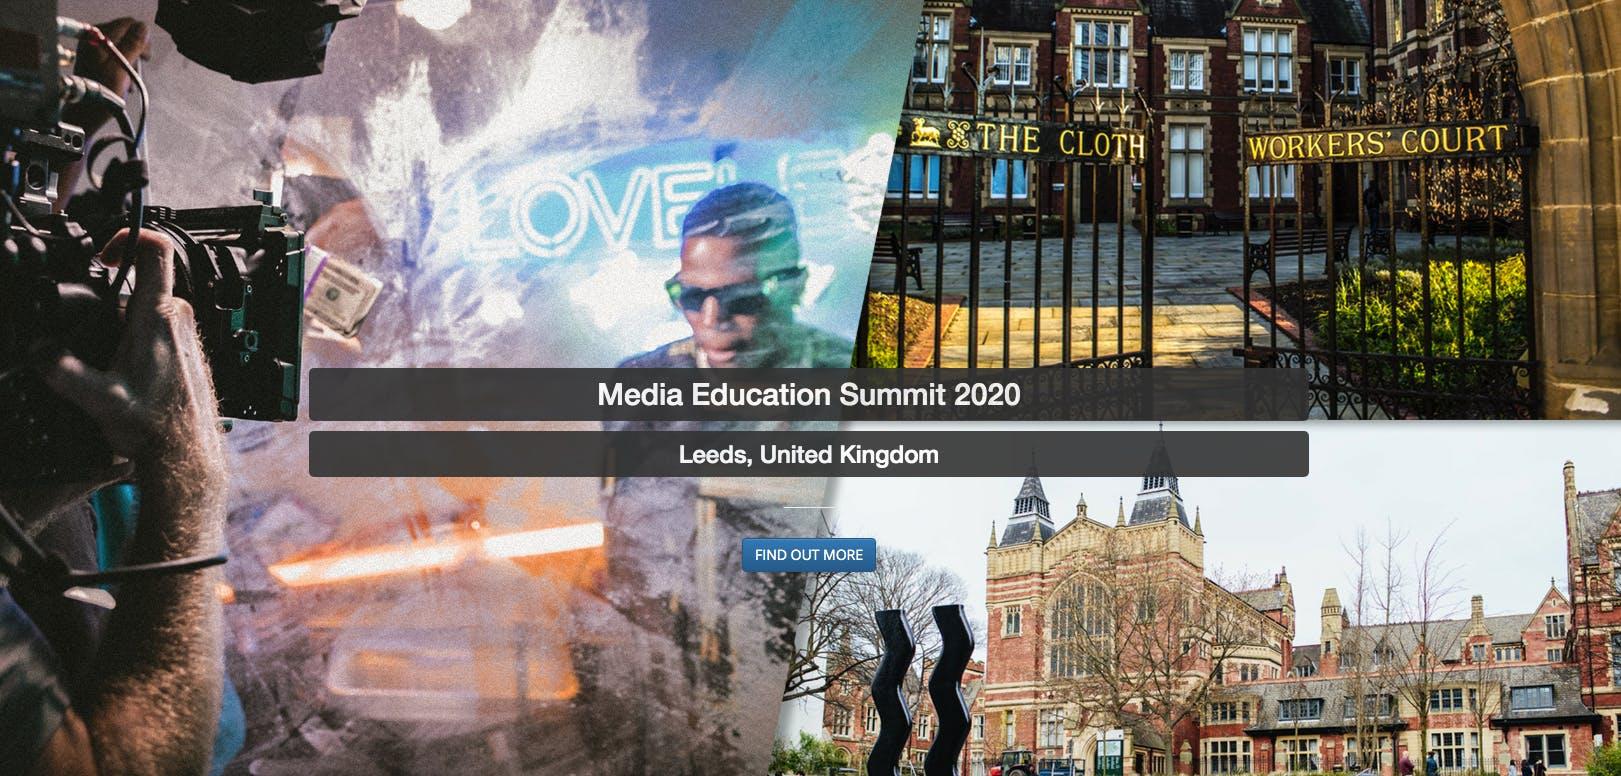 Media Education Summit 2020